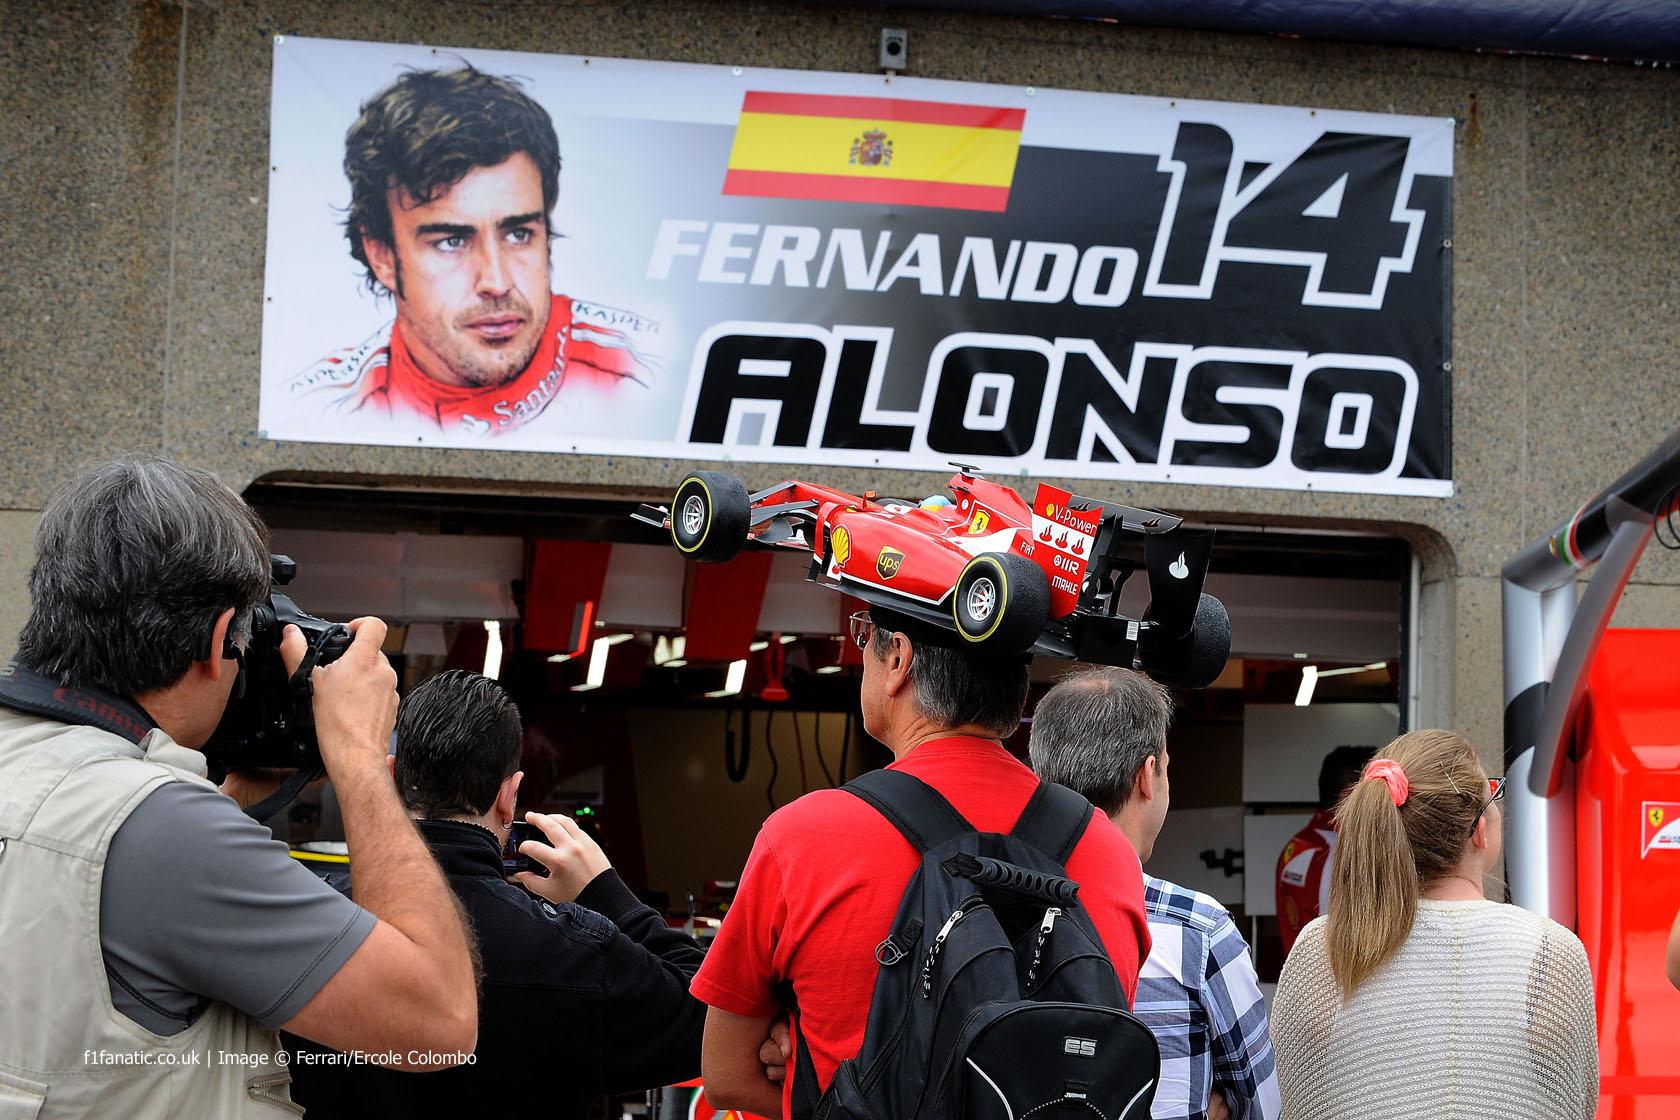 Ferrari, Circuit Gilles Villeneuve, 2014